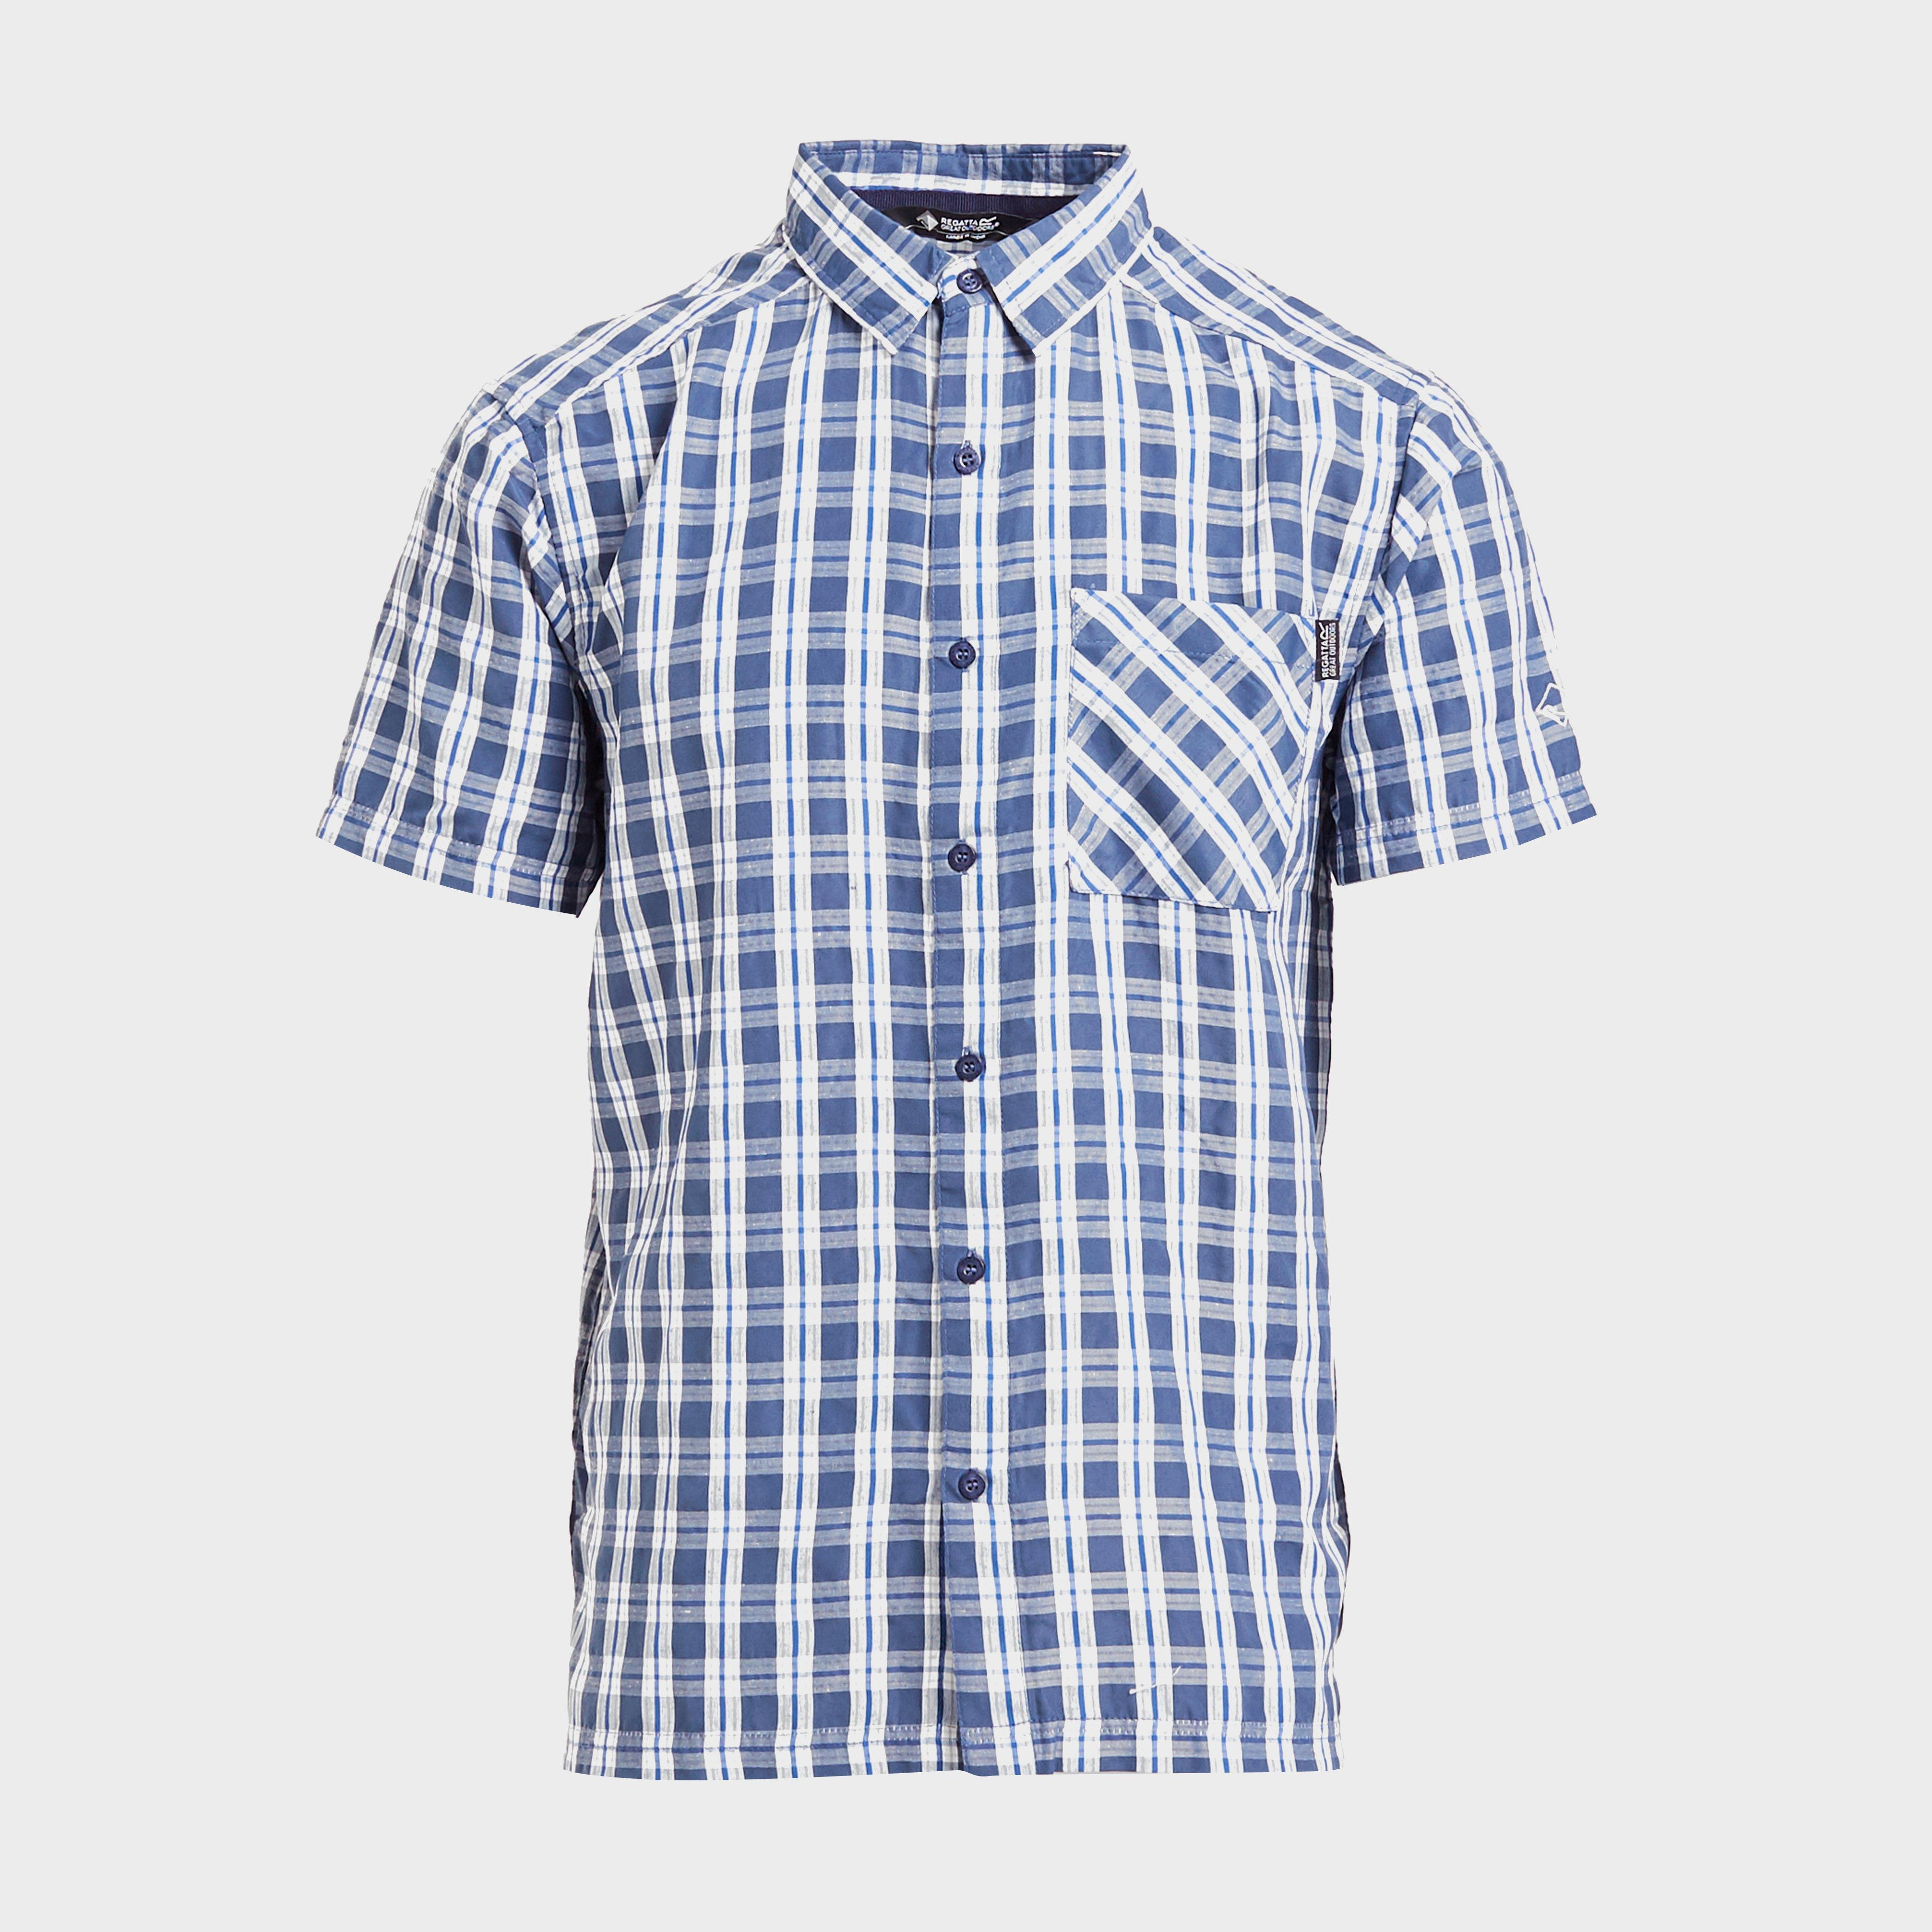 Regatta Regatta Mens Mindano V Short Sleeve Shirt, Blue